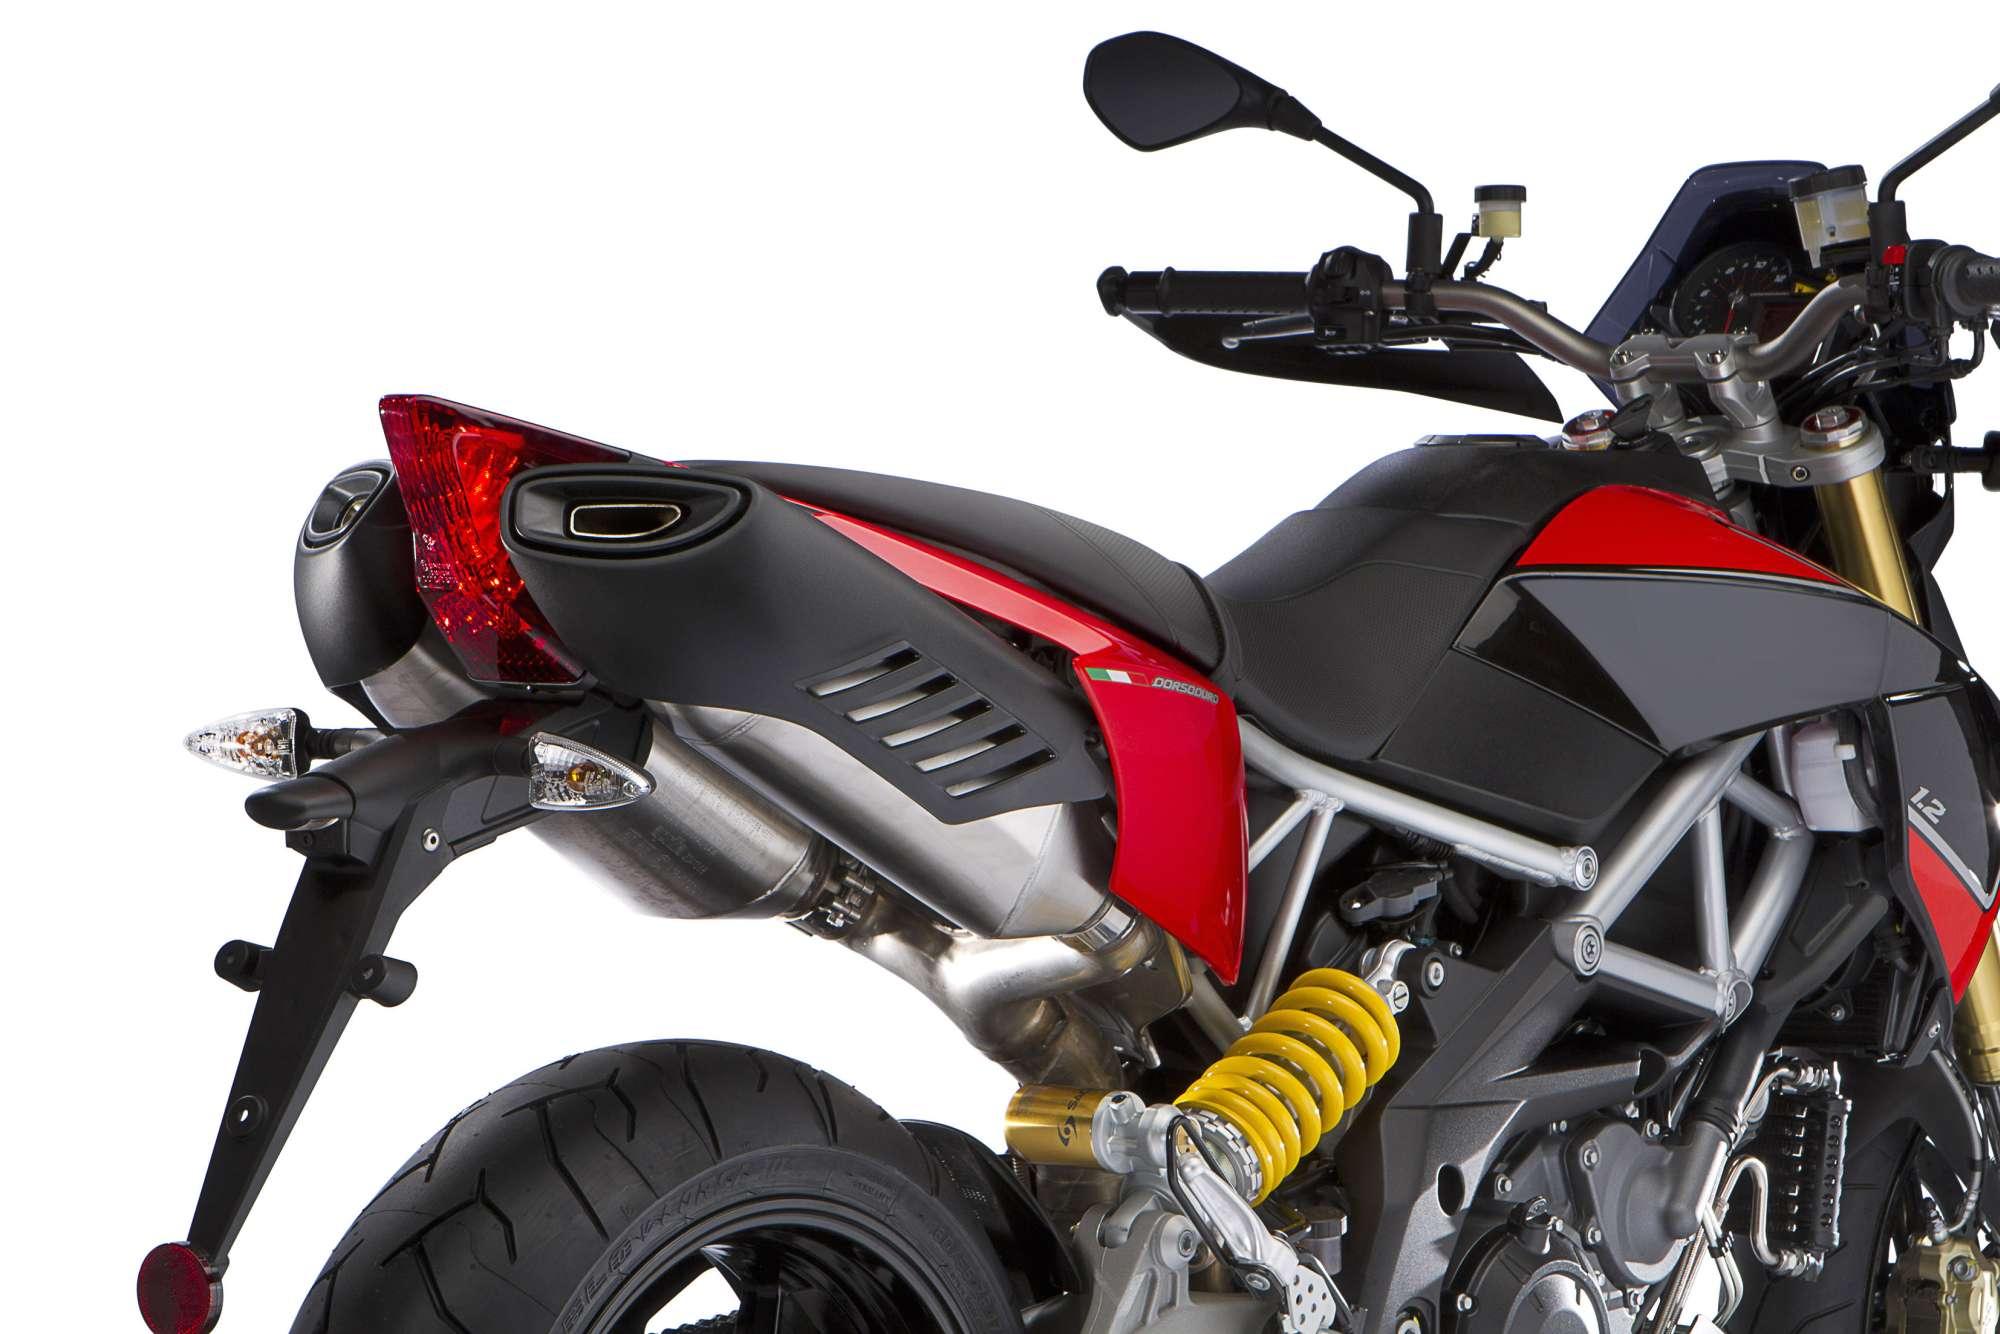 gebrauchte und neue aprilia dorsoduro 1200 motorr der kaufen